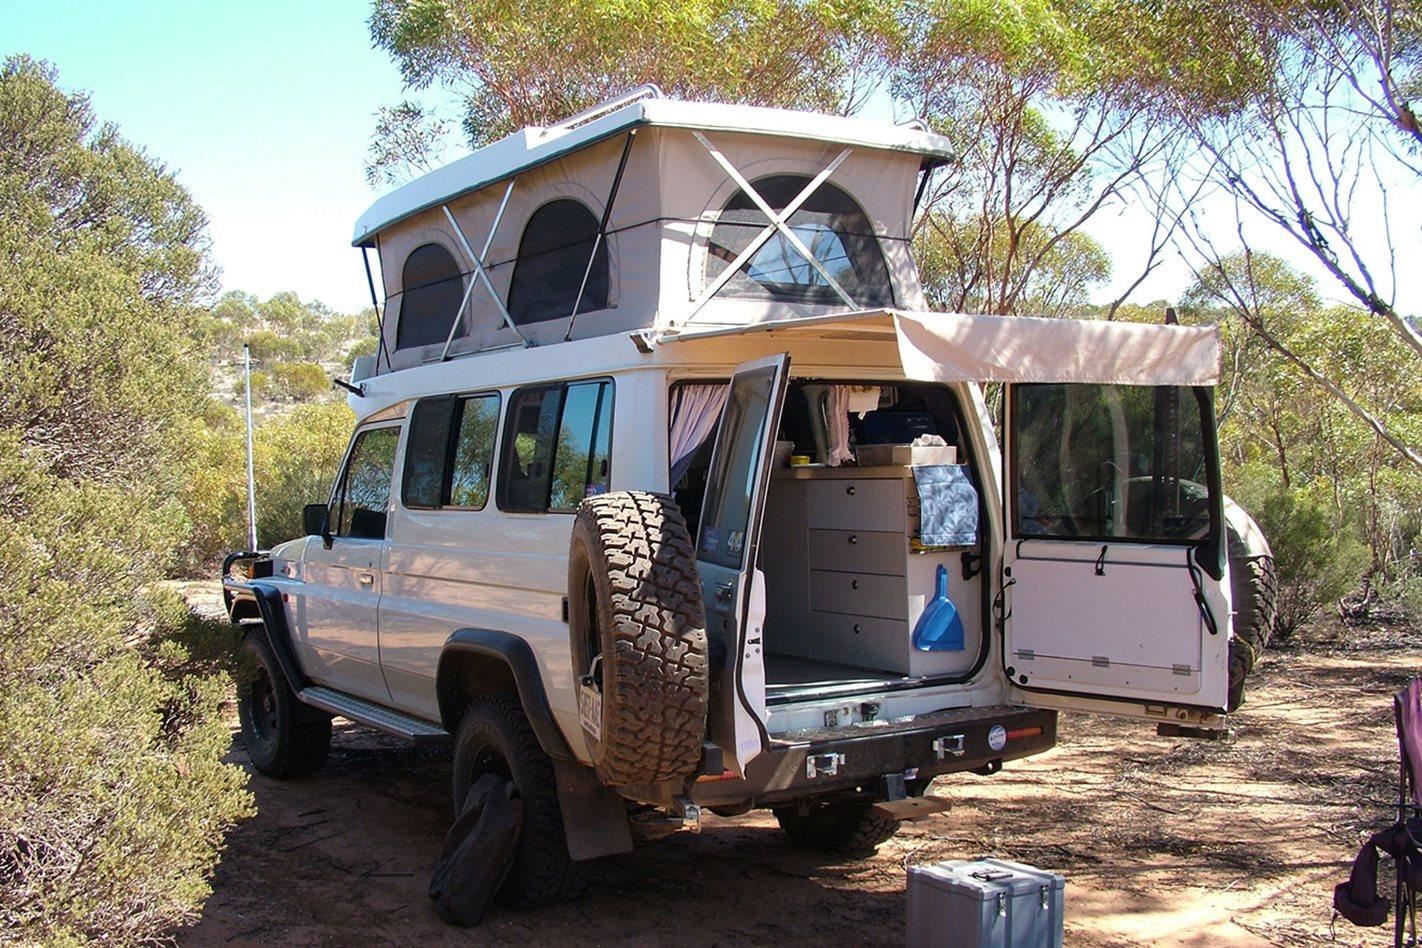 2006-Toyota-TroopCarrier-camping.jpg